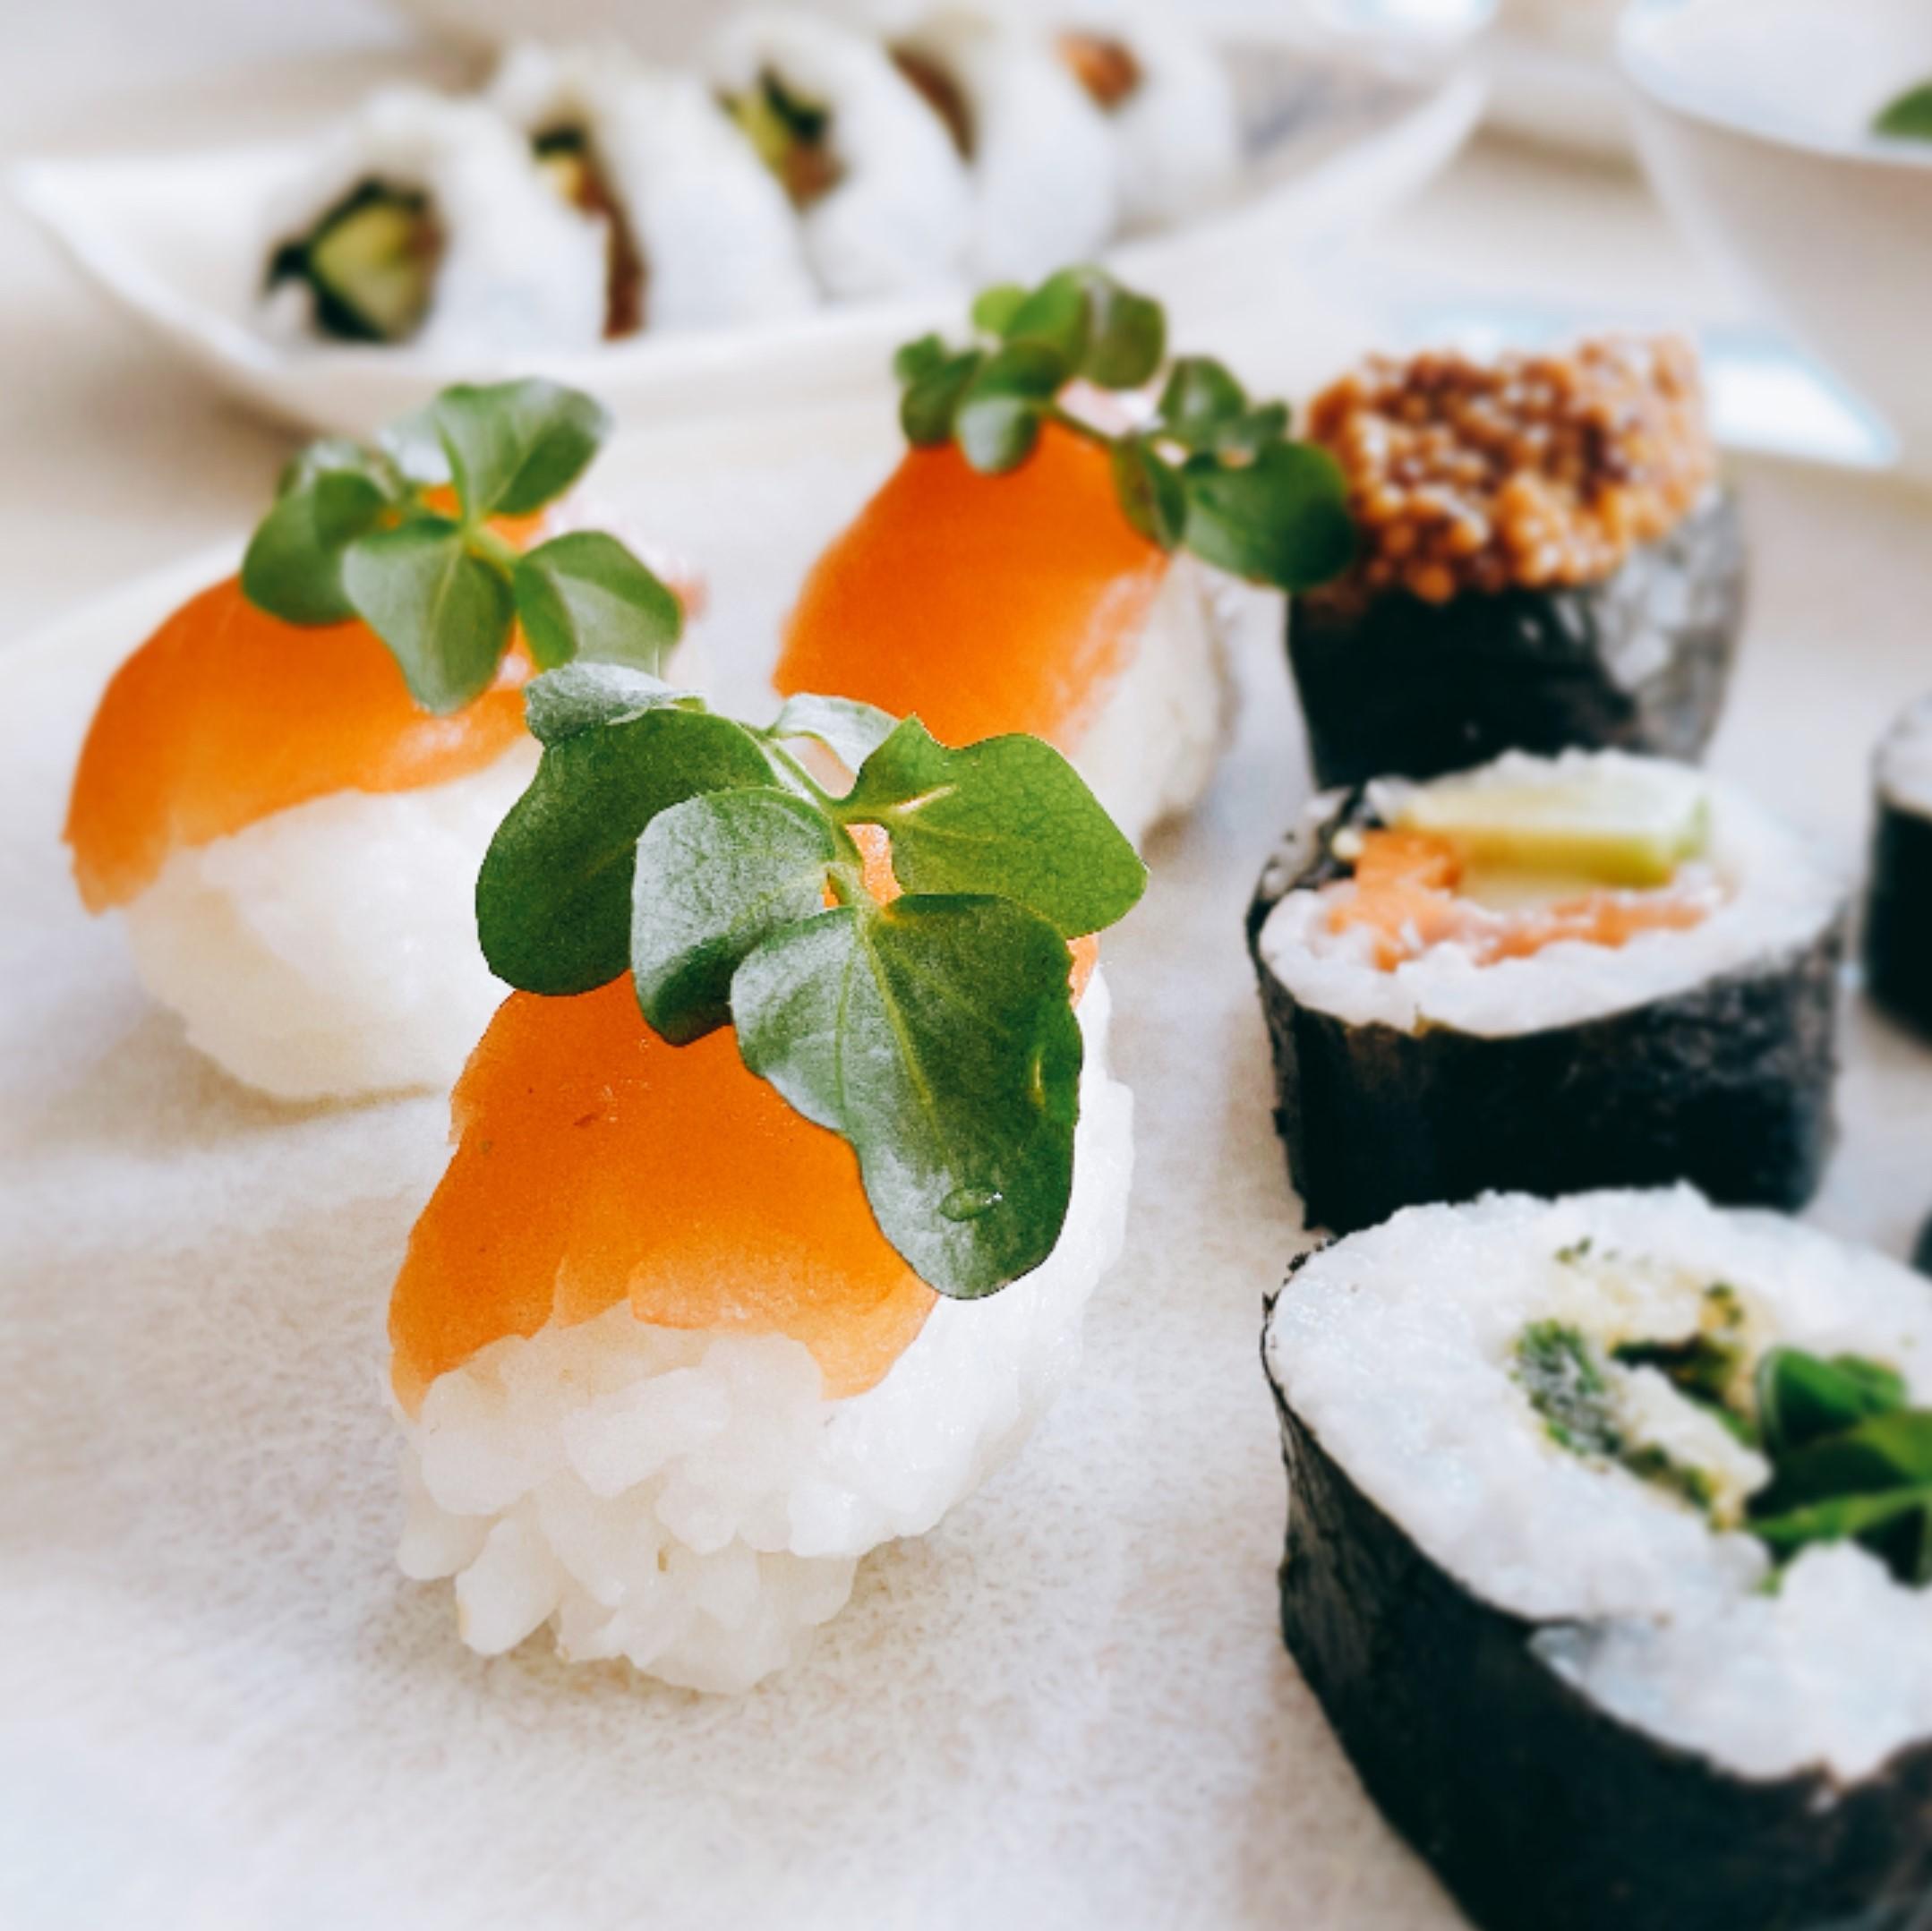 Wildes Sushi Wildkräuter Brennnessel Tempura Lachsforelle Brunnenkresse Wasabi wildkitchen wildkitchen.at